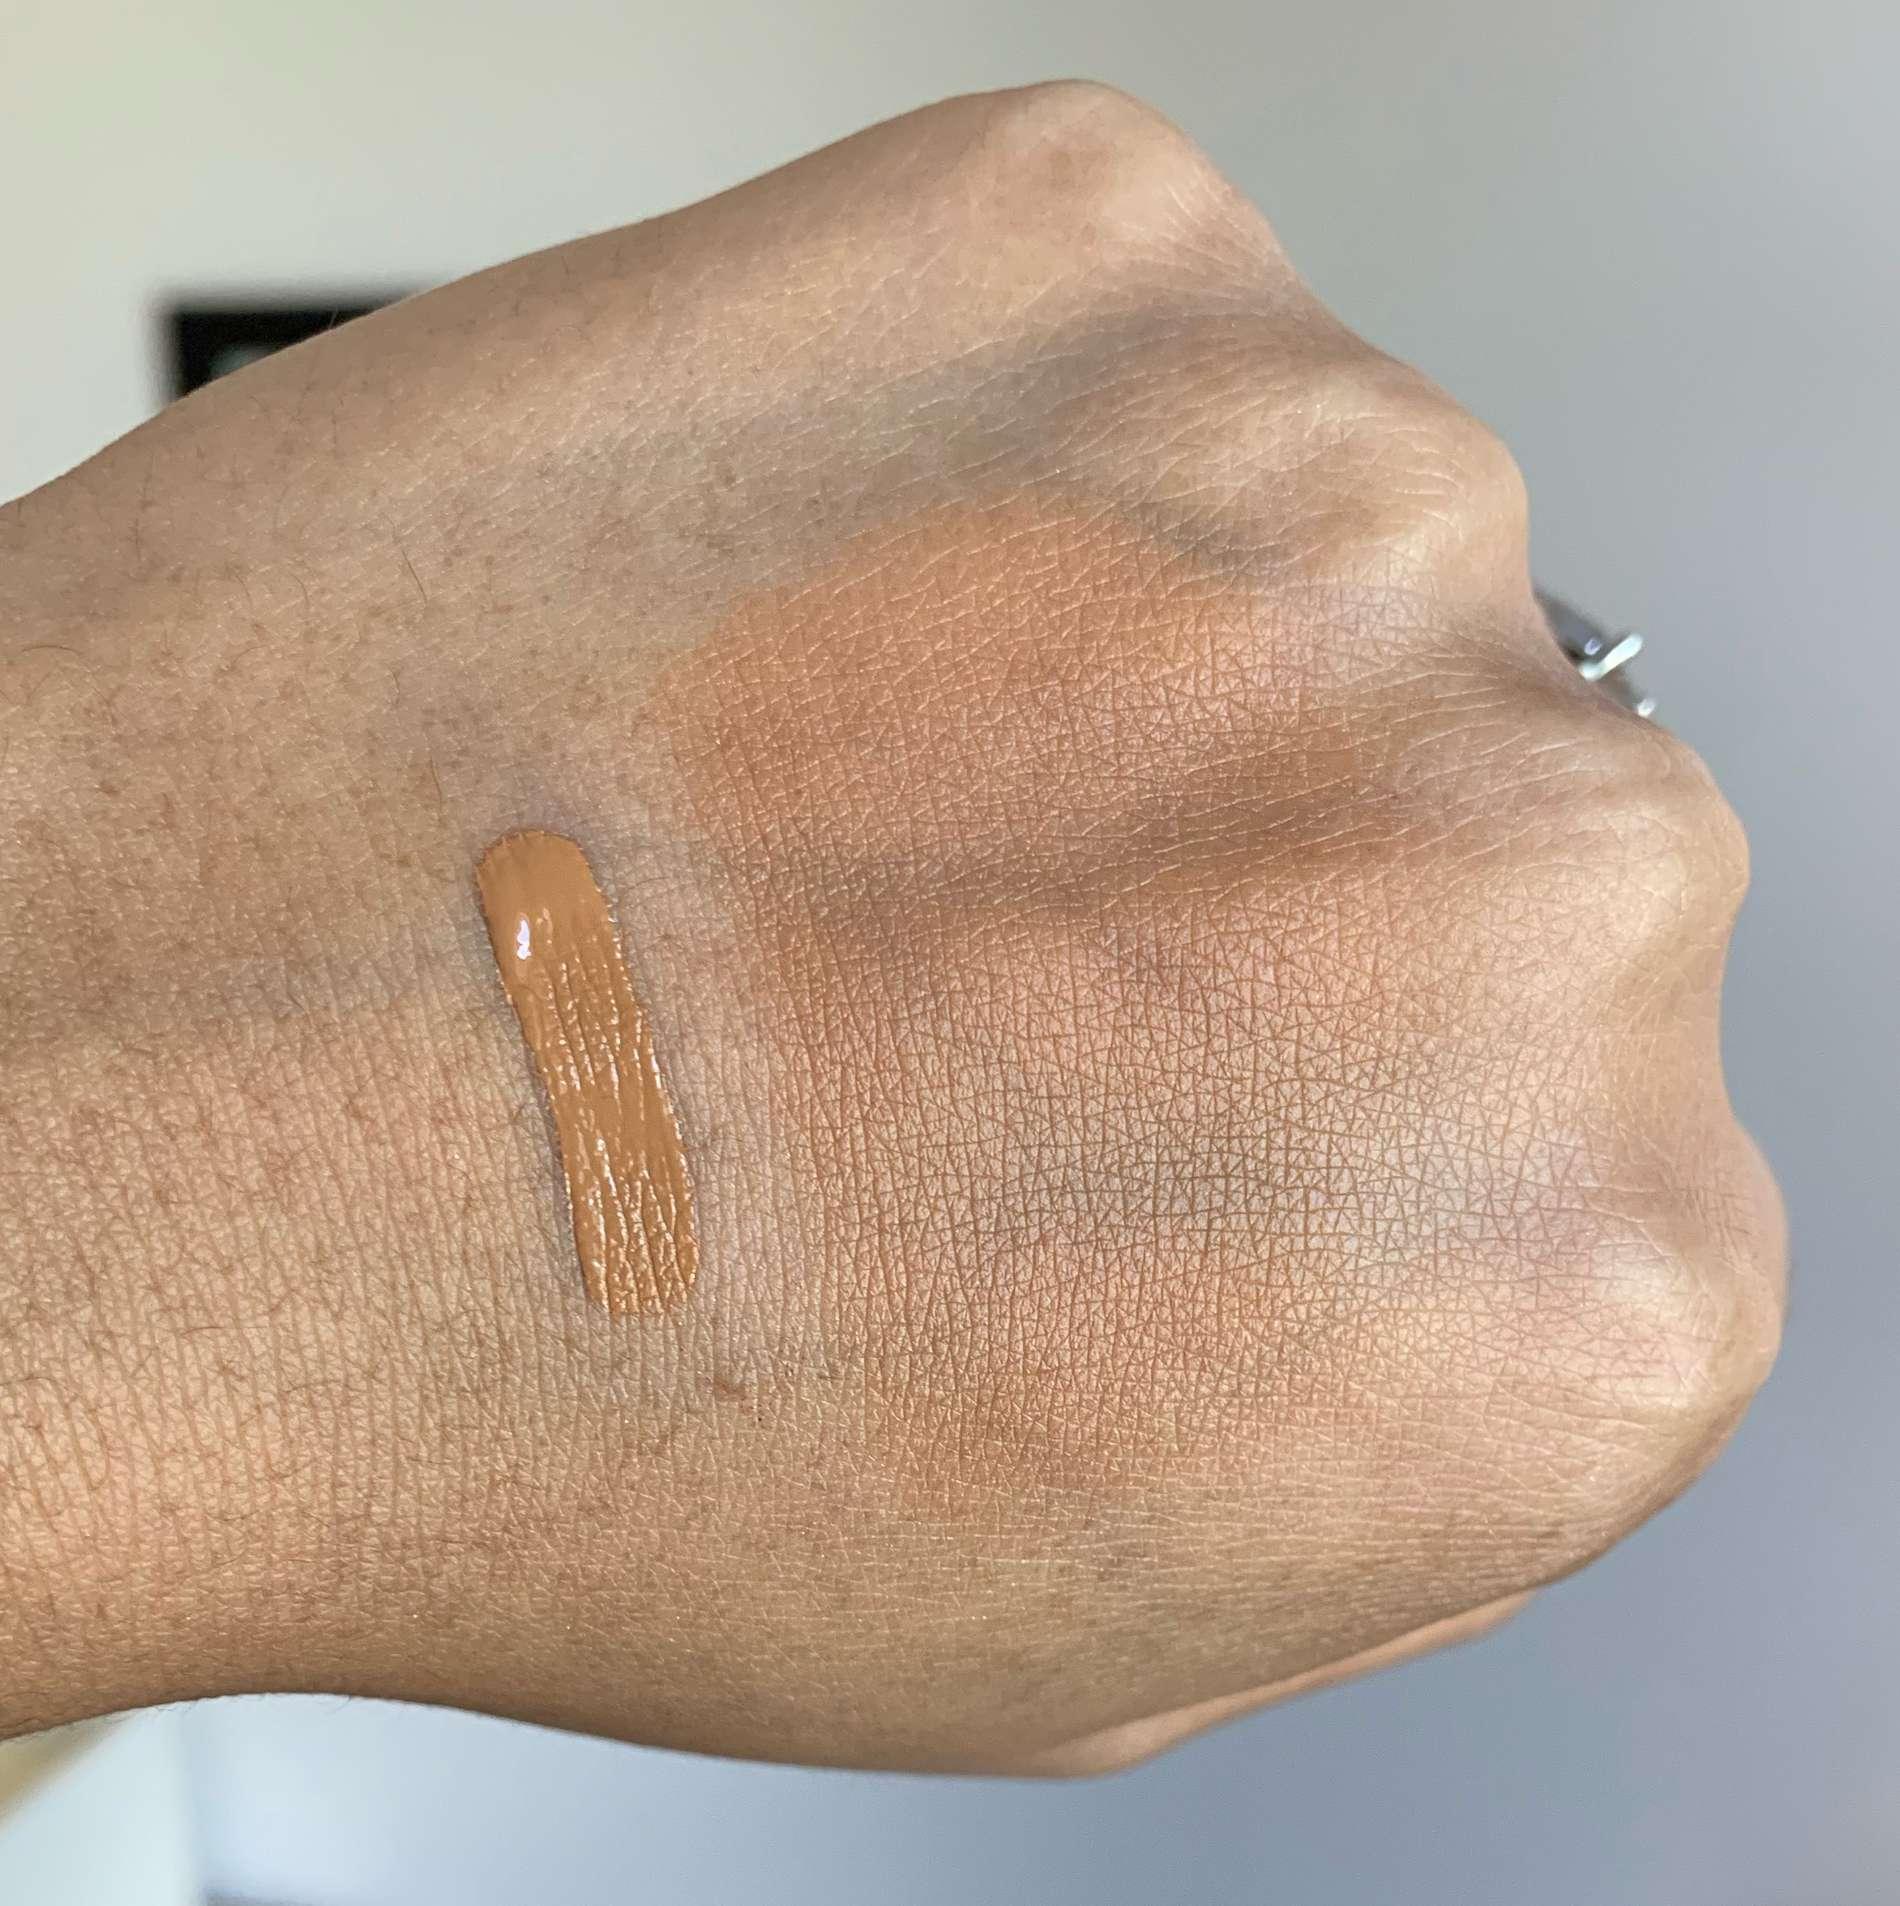 Laura Mercier Flawless Fusion Ultra-Longwear Concealer 5W Swatch on Medium Dark Skin